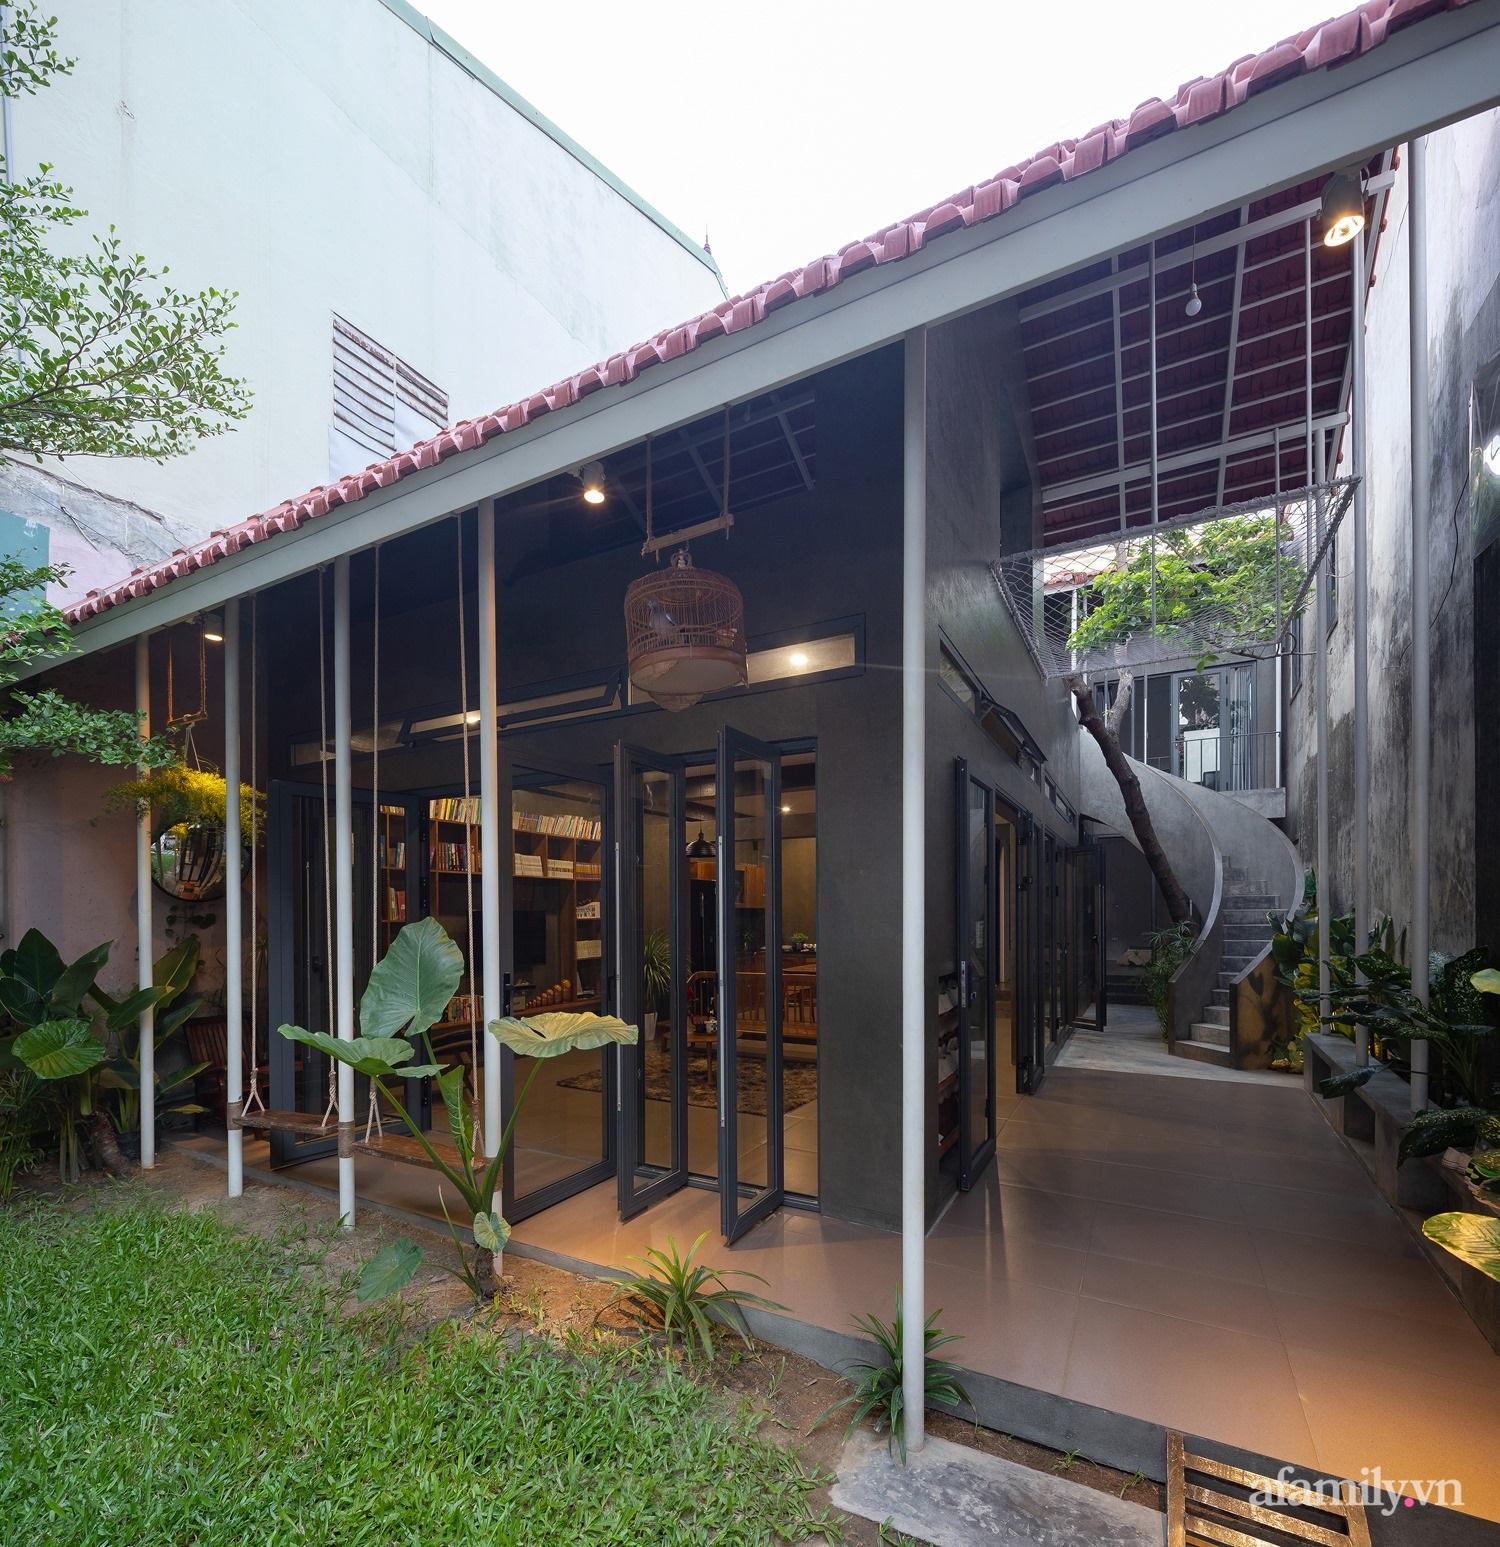 Ngôi nhà màu xanh mát mắt không cần dùng đến điều hòa tọa lạc ngay giữa thành phố của gió Lào và nắng cháy – Vinh - Ảnh 13.